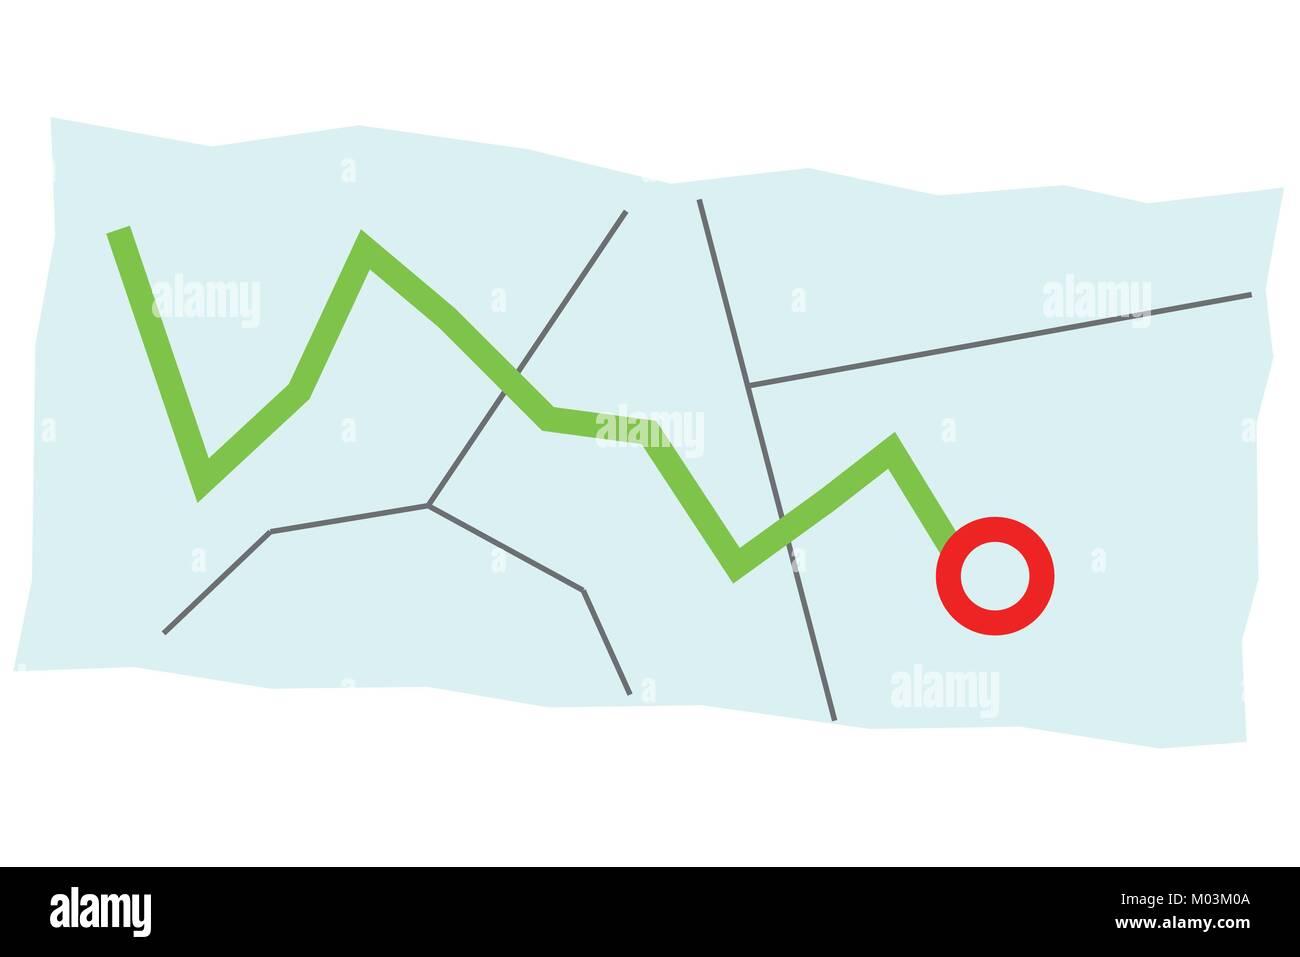 Ilustración de un mapa con diferentes caminos y marcó un destino y ...